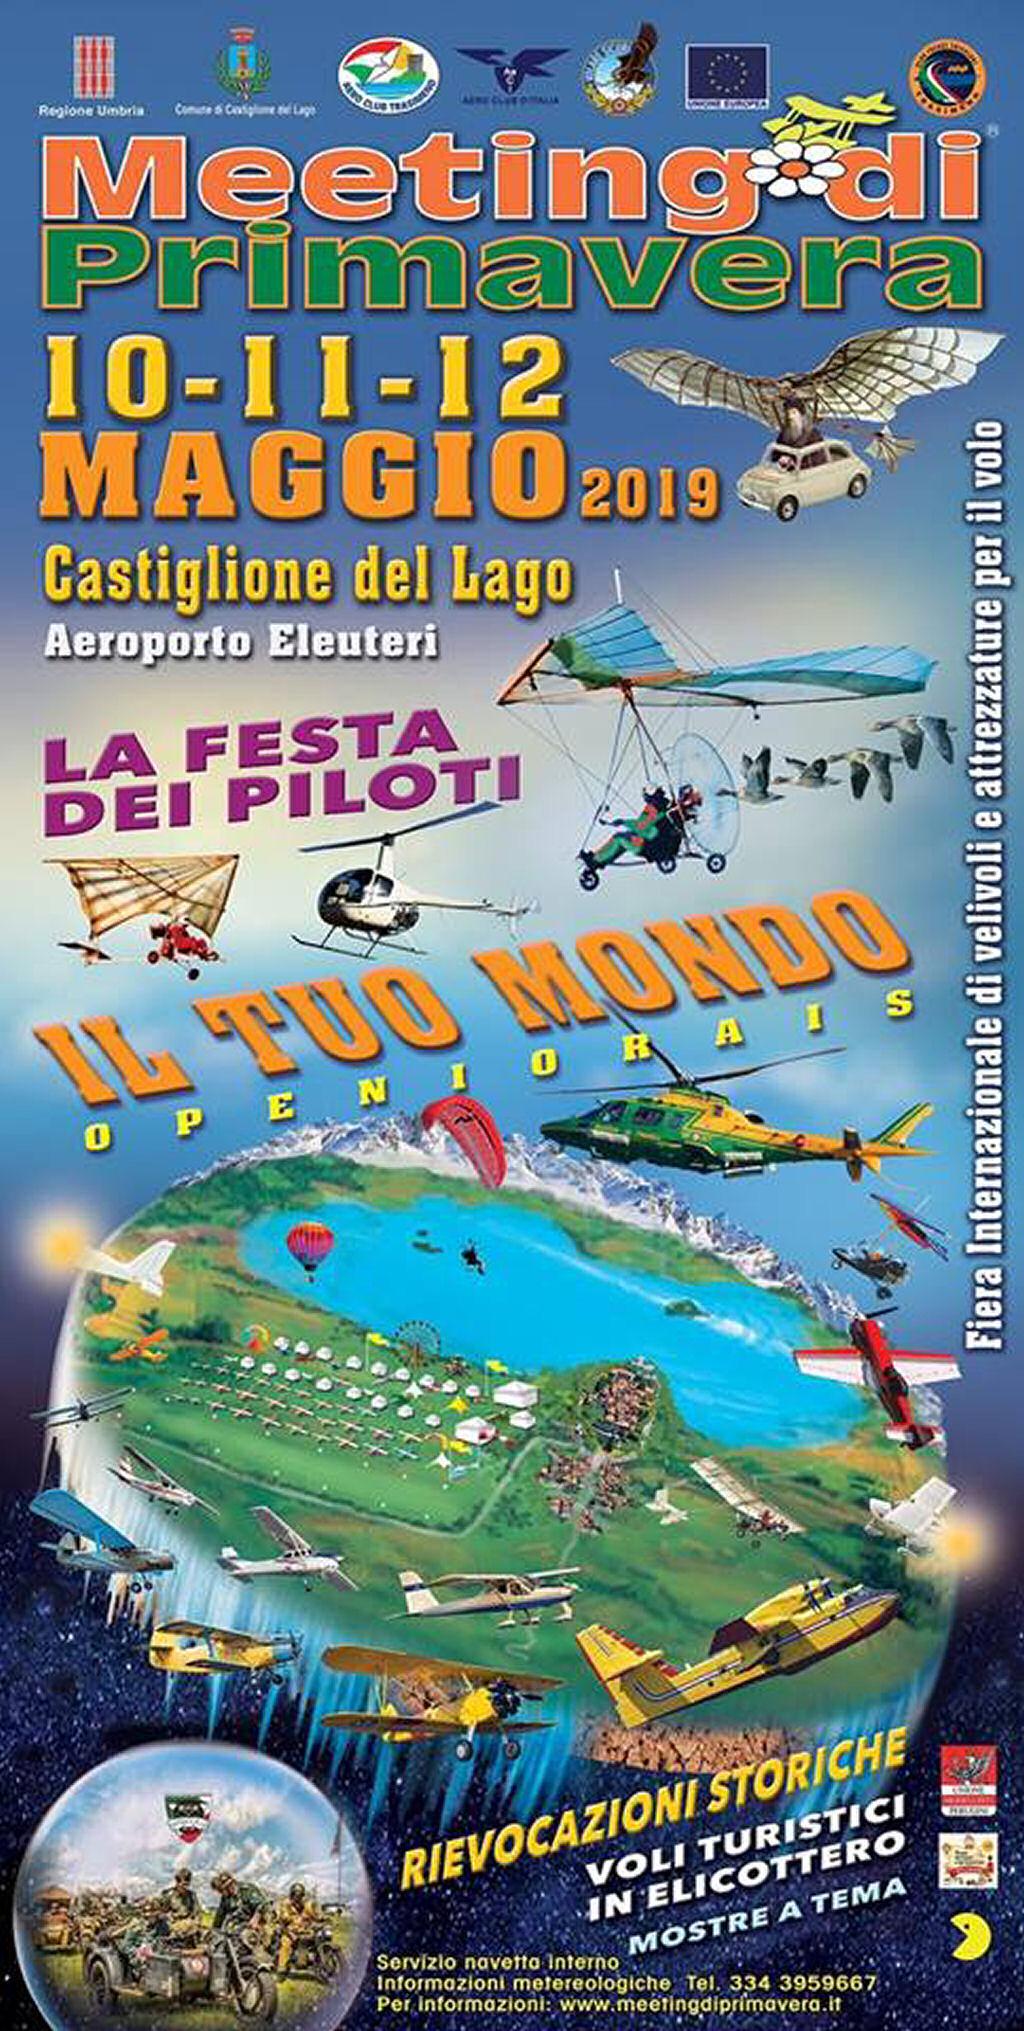 Meeting di Primavera 2019 – Castiglione del Lago